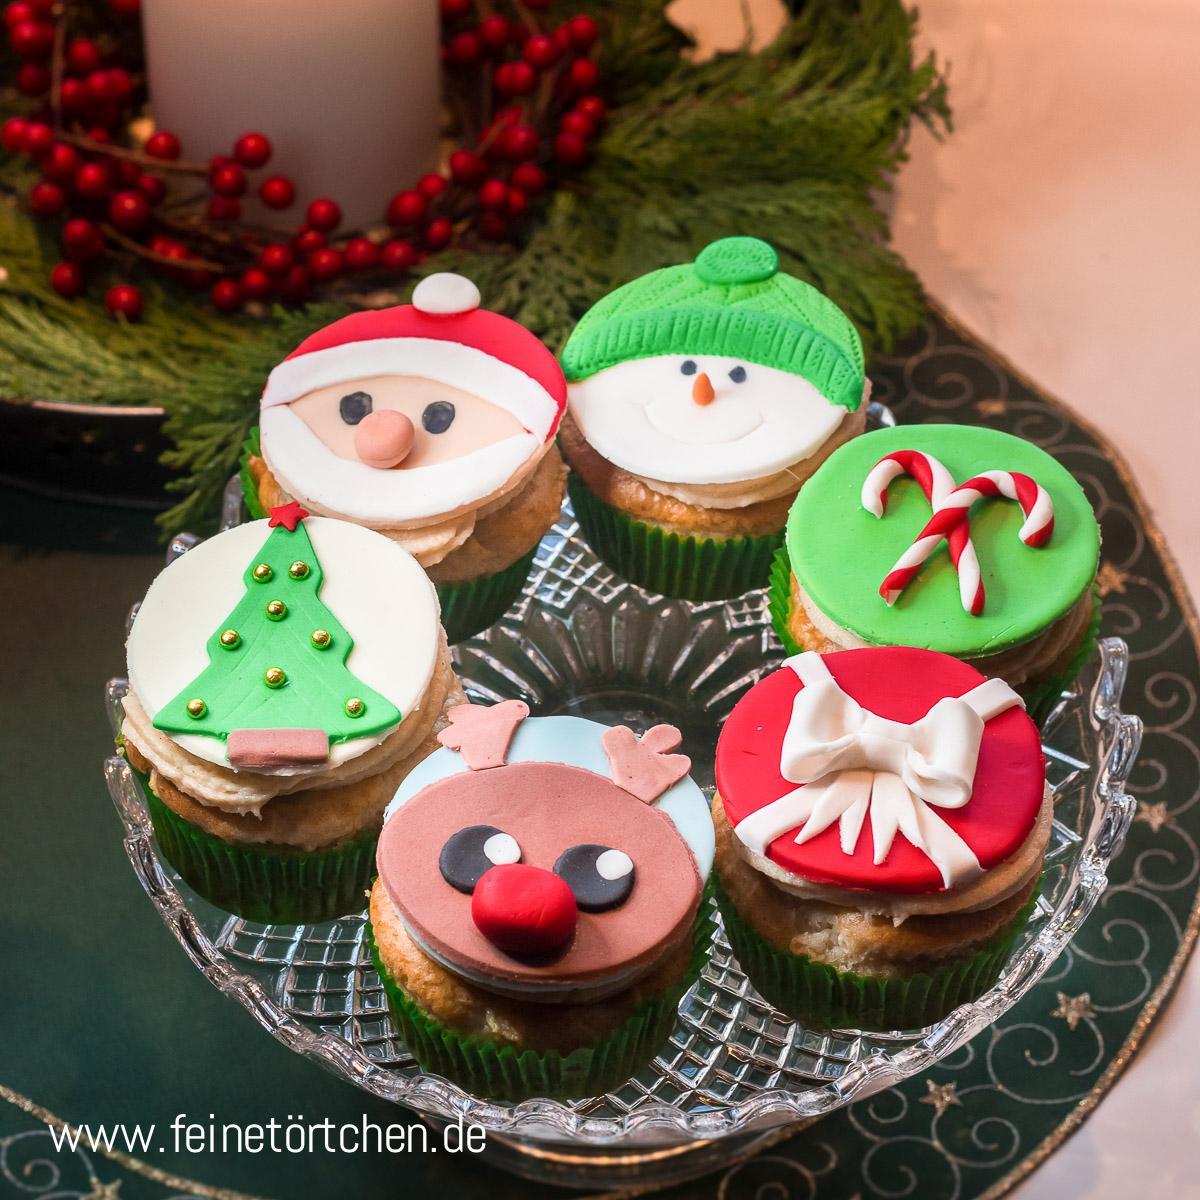 Cupcake Dekoration Weihnachten Mademoiselle Cupcake